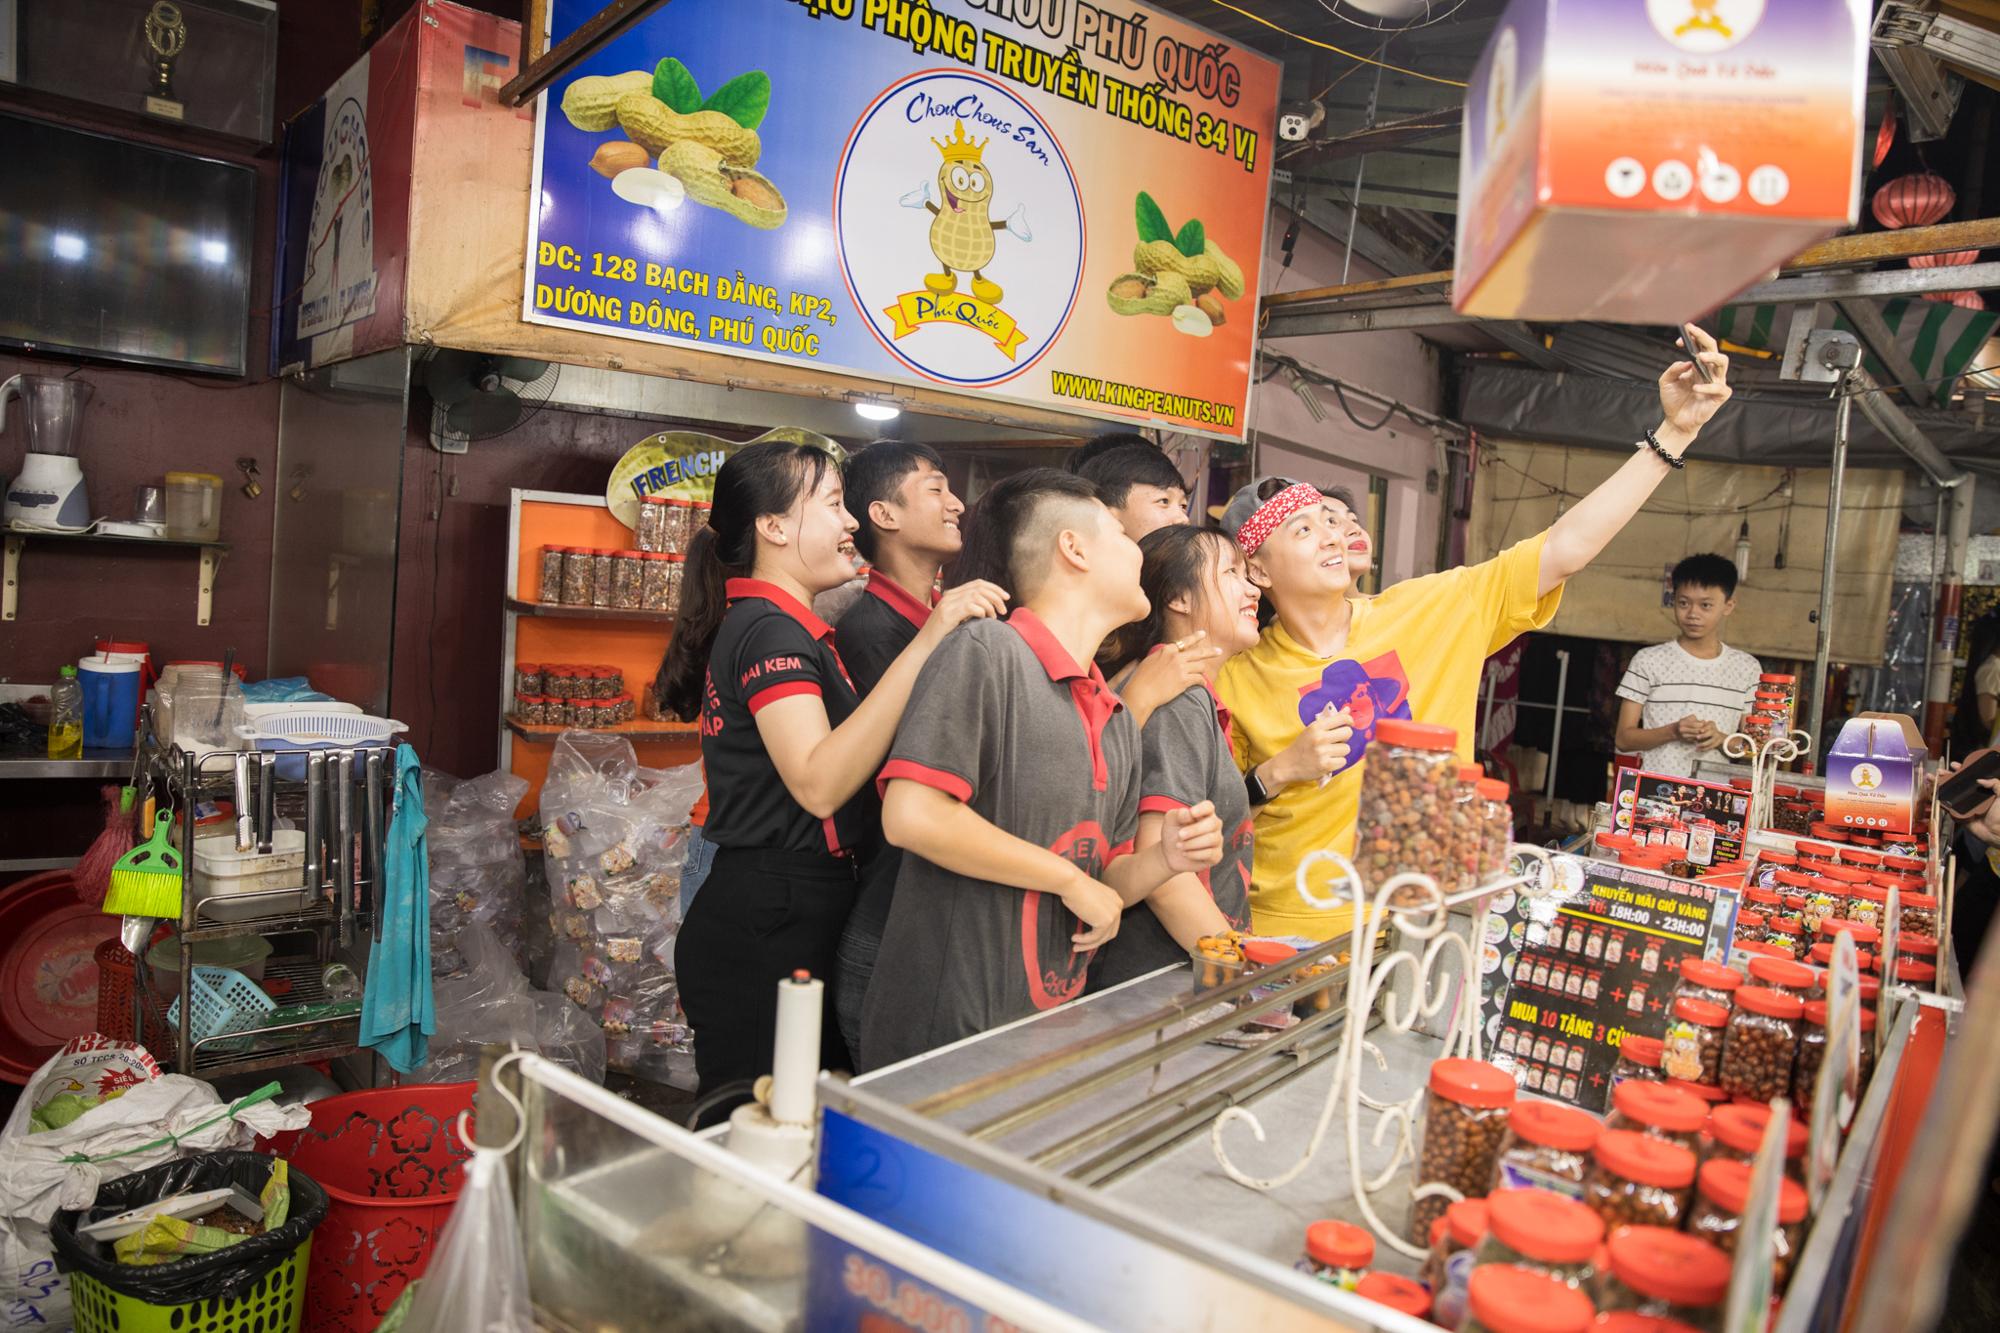 Ngô Kiến Huy, Thủy Tiên bị vây kín giữa lòng chợ Phú Quốc, hát rong và bán hàng  đầy hăng say